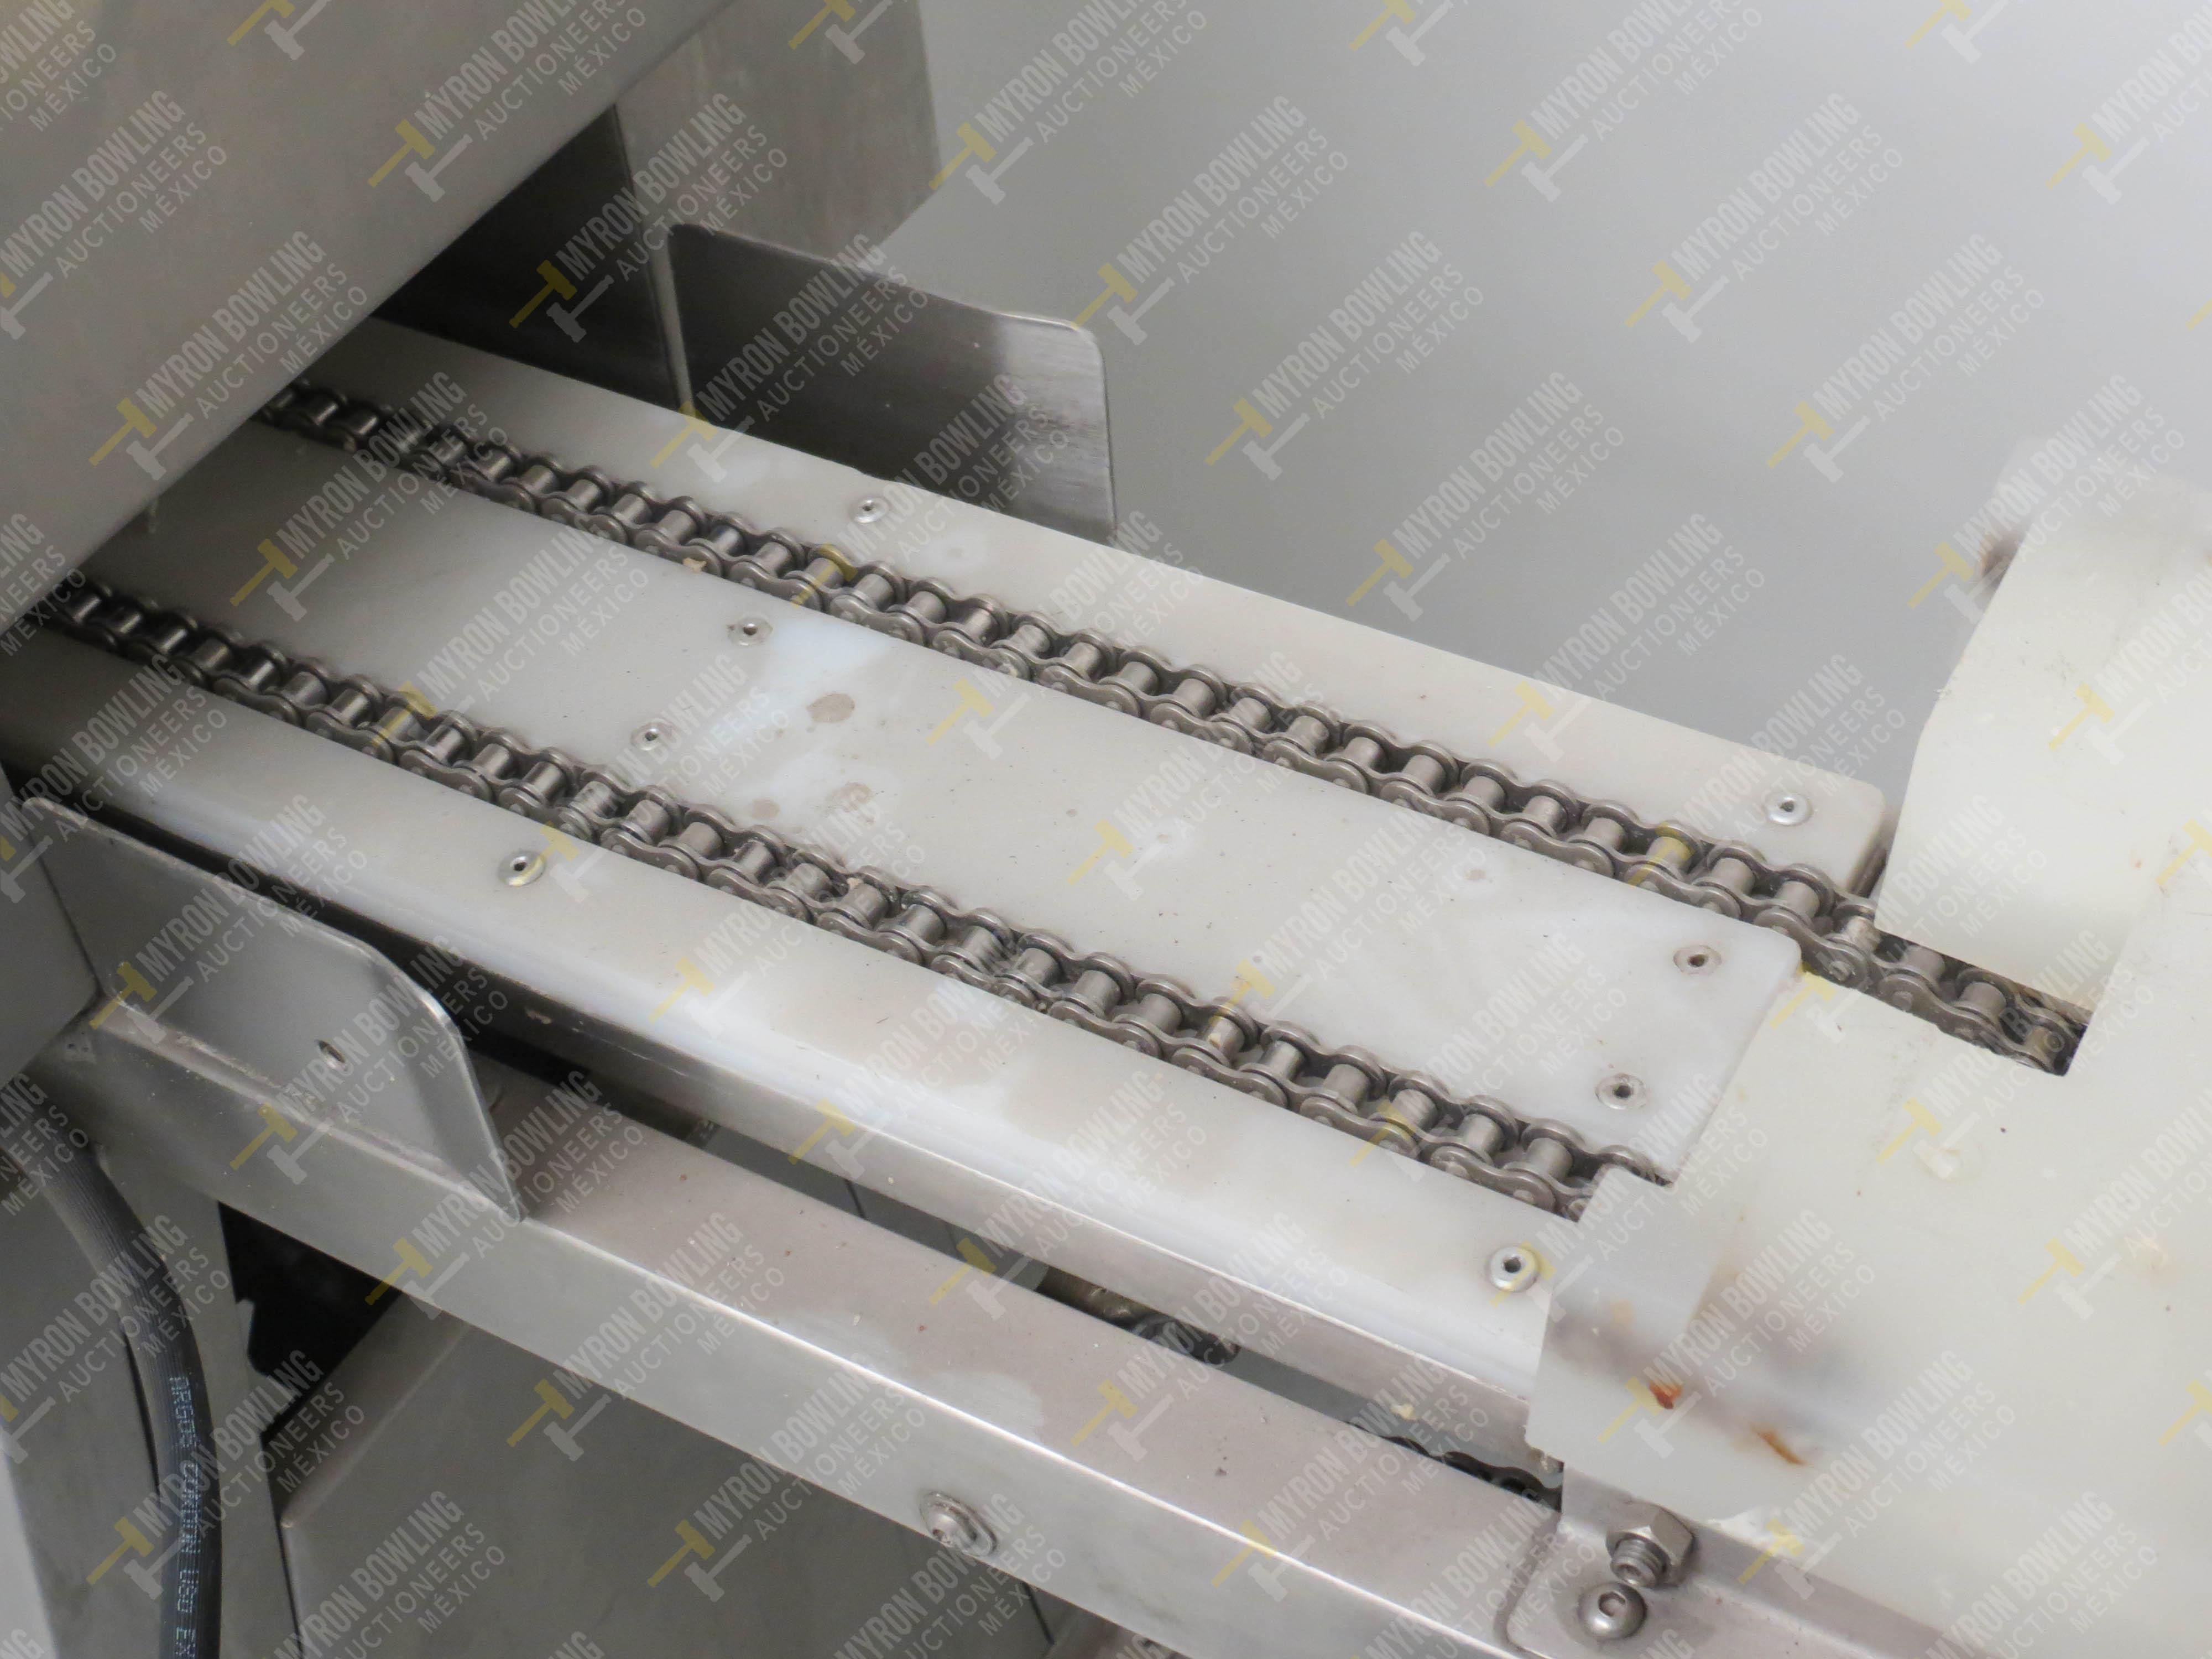 Dosificador de masa marca JMF Tecnología LTDA, Modelo 20012-ESP, No. de Serie 8063201647 - Image 5 of 7